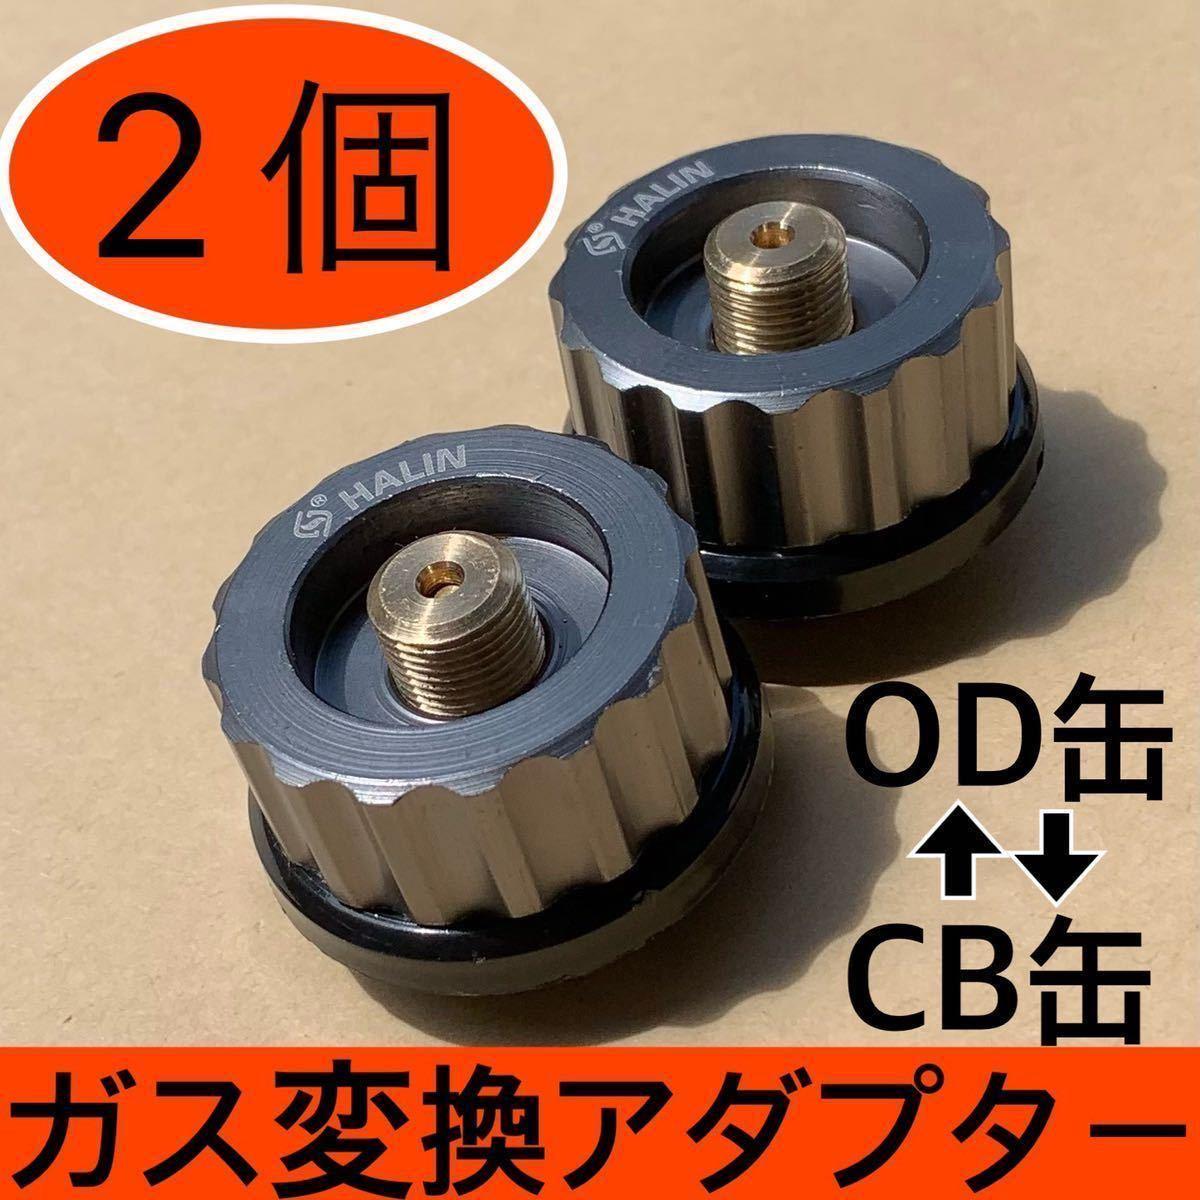 【2個セット】変換アダプター バーナー ガス アウトドア カセットガス OD缶 からCB缶 CB缶からOD缶 互換 カセットボンベ カセットガス